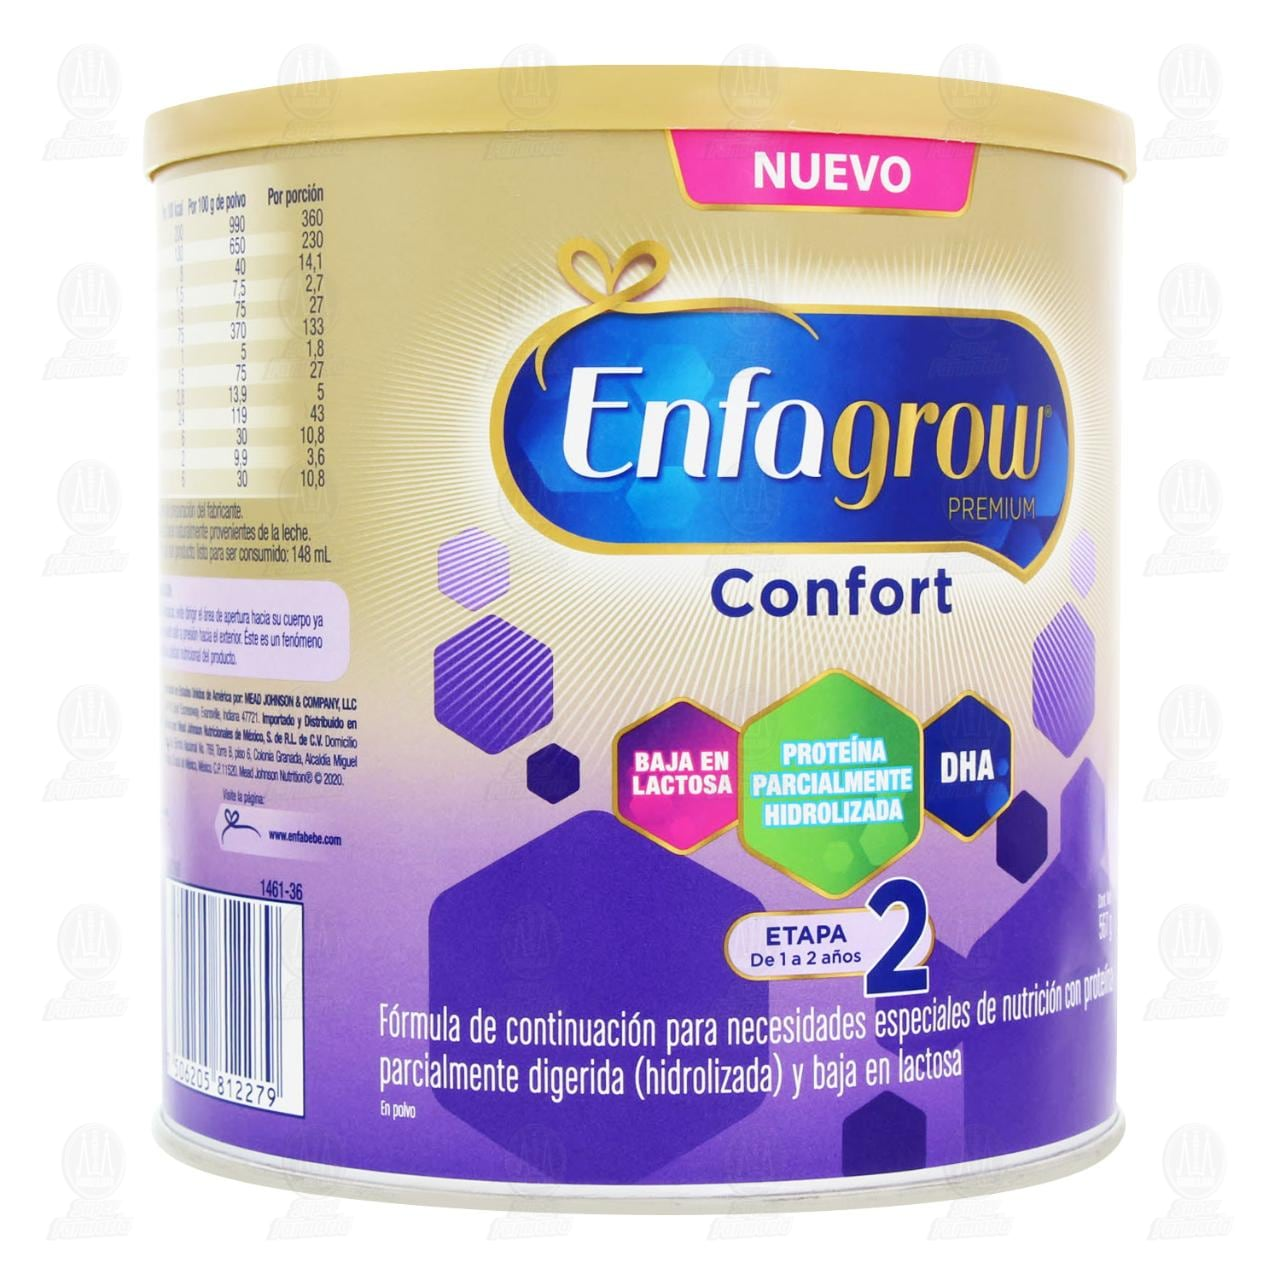 comprar https://www.movil.farmaciasguadalajara.com/wcsstore/FGCAS/wcs/products/1319175_A_1280_AL.jpg en farmacias guadalajara